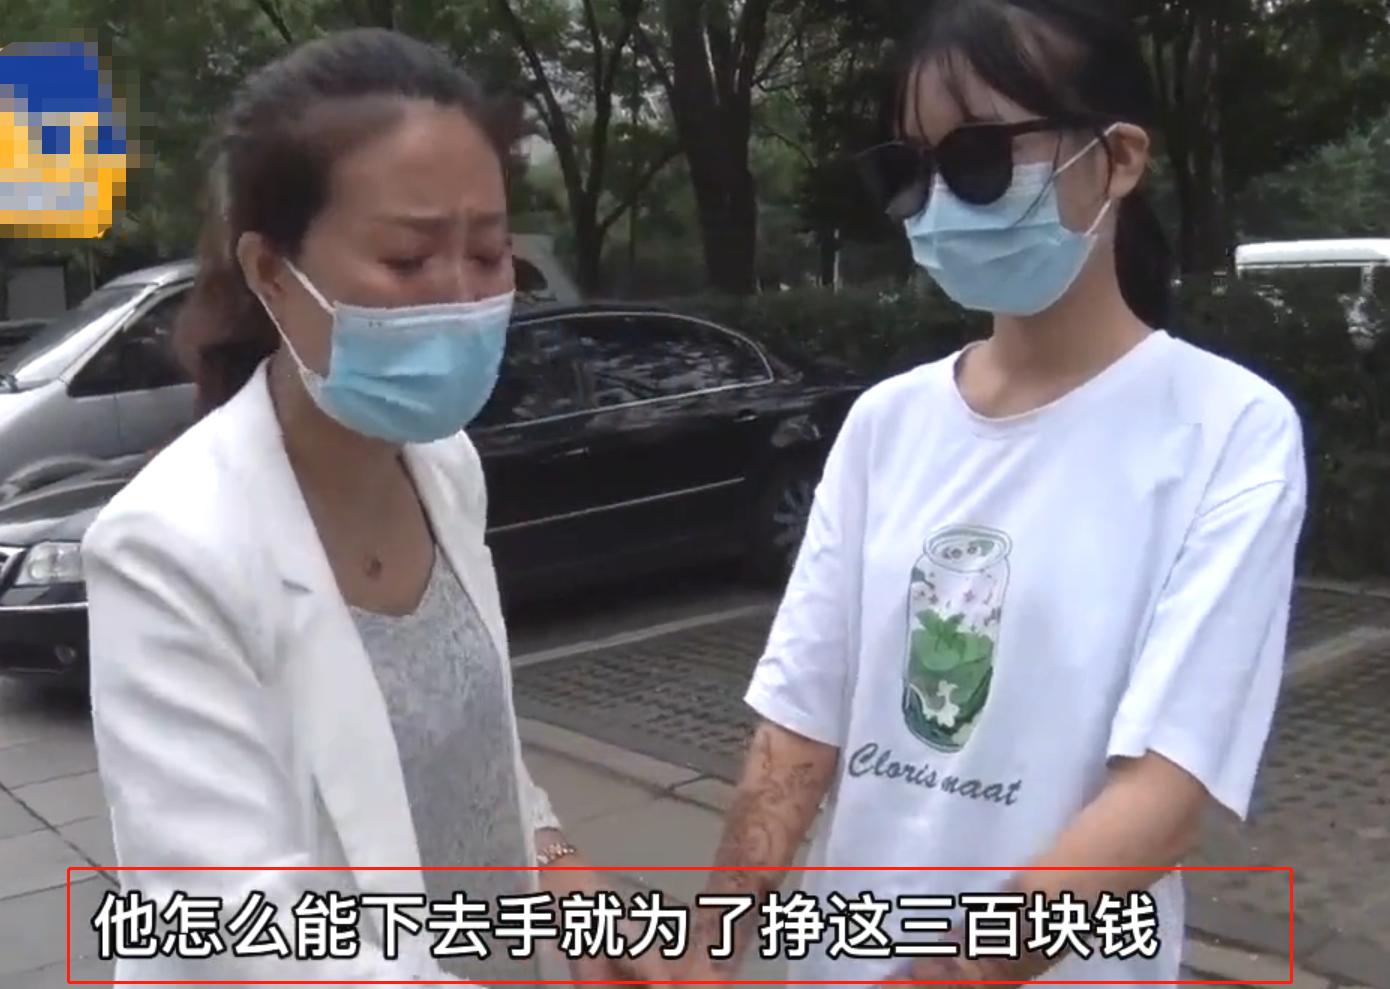 """14岁少女纹出""""花臂"""",母亲痛哭:300元把女儿的未来毁了,网友:为自己负责"""